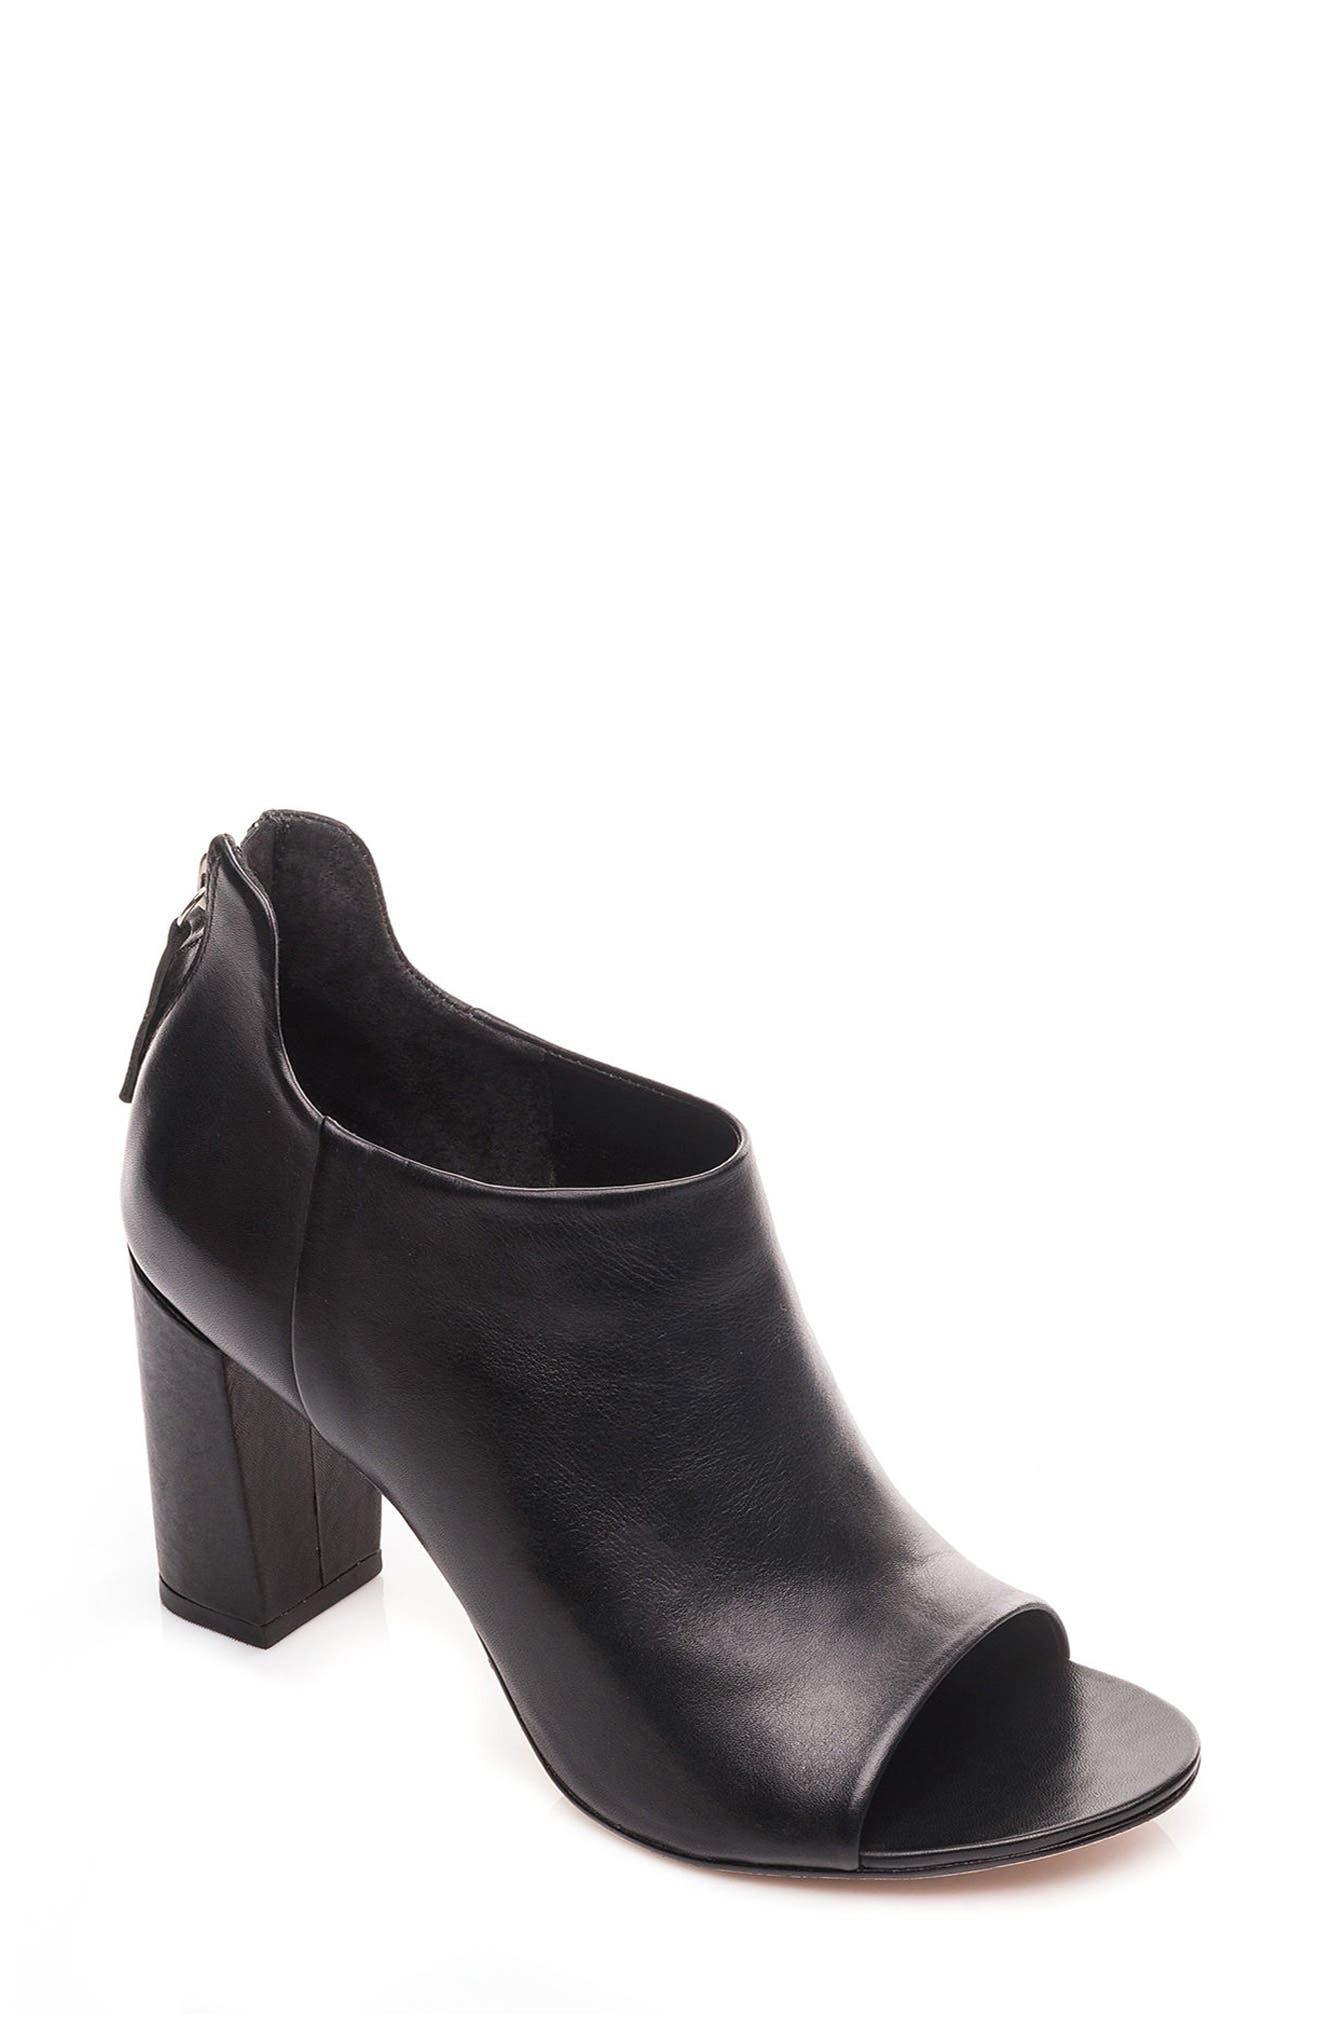 Heather Peep Toe Bootie,                         Main,                         color, Black Leather